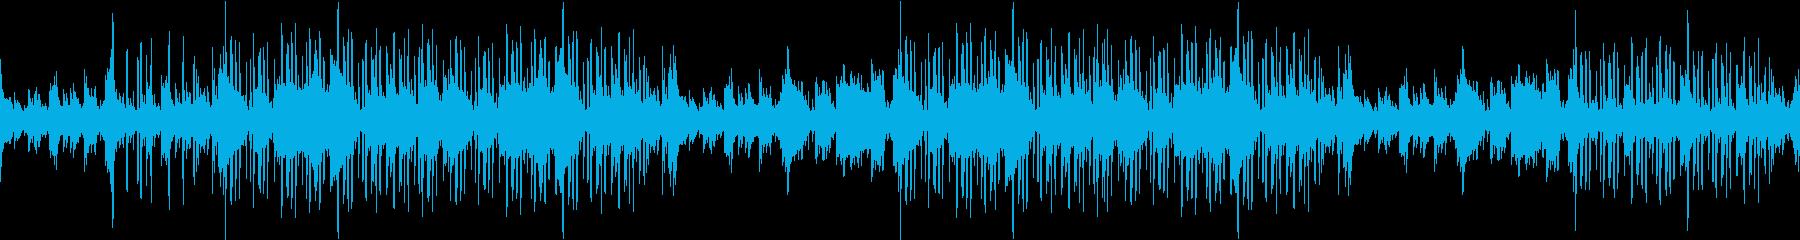 ピアノ・エモ・綺麗・ヒップホップ・ループの再生済みの波形